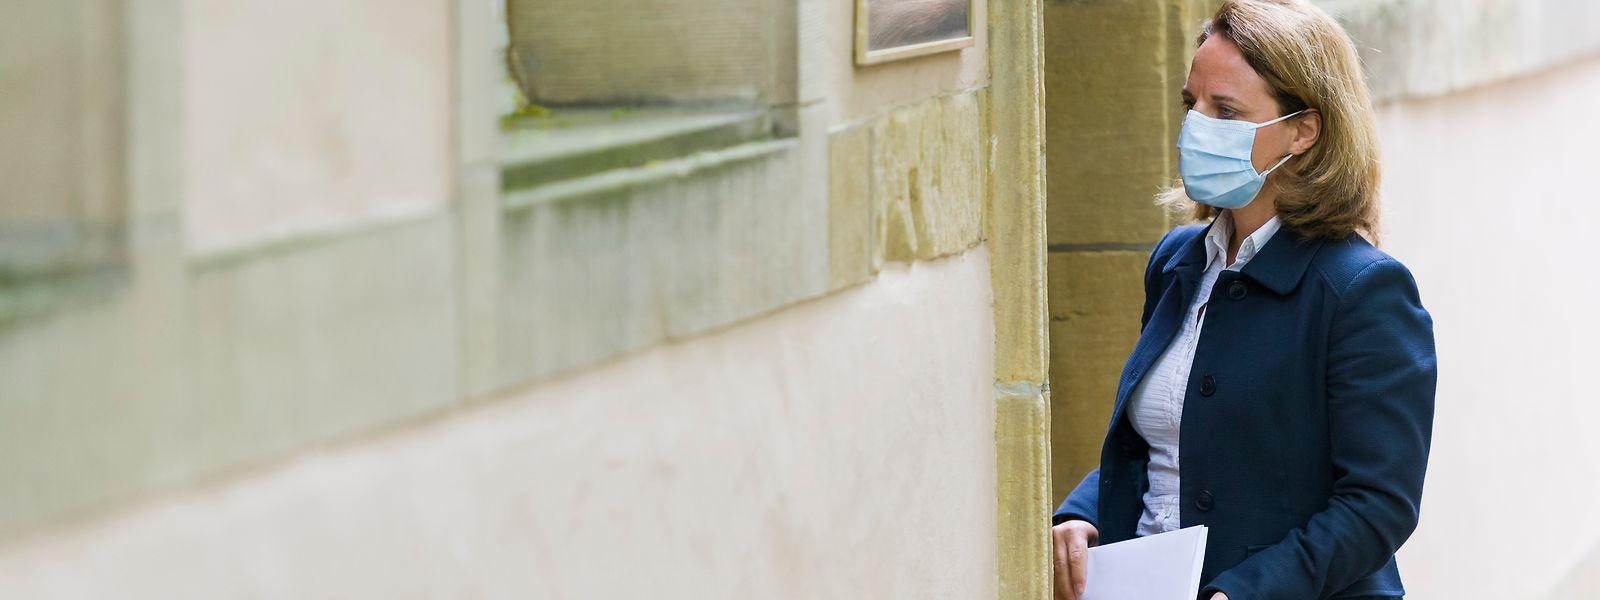 Als Familienministerin musste Corinne Cahen die Besuchsmöglichkeiten in den Alten- und Pflegeheimen wegen der Ansteckungsgefahr für Wochen verbieten.